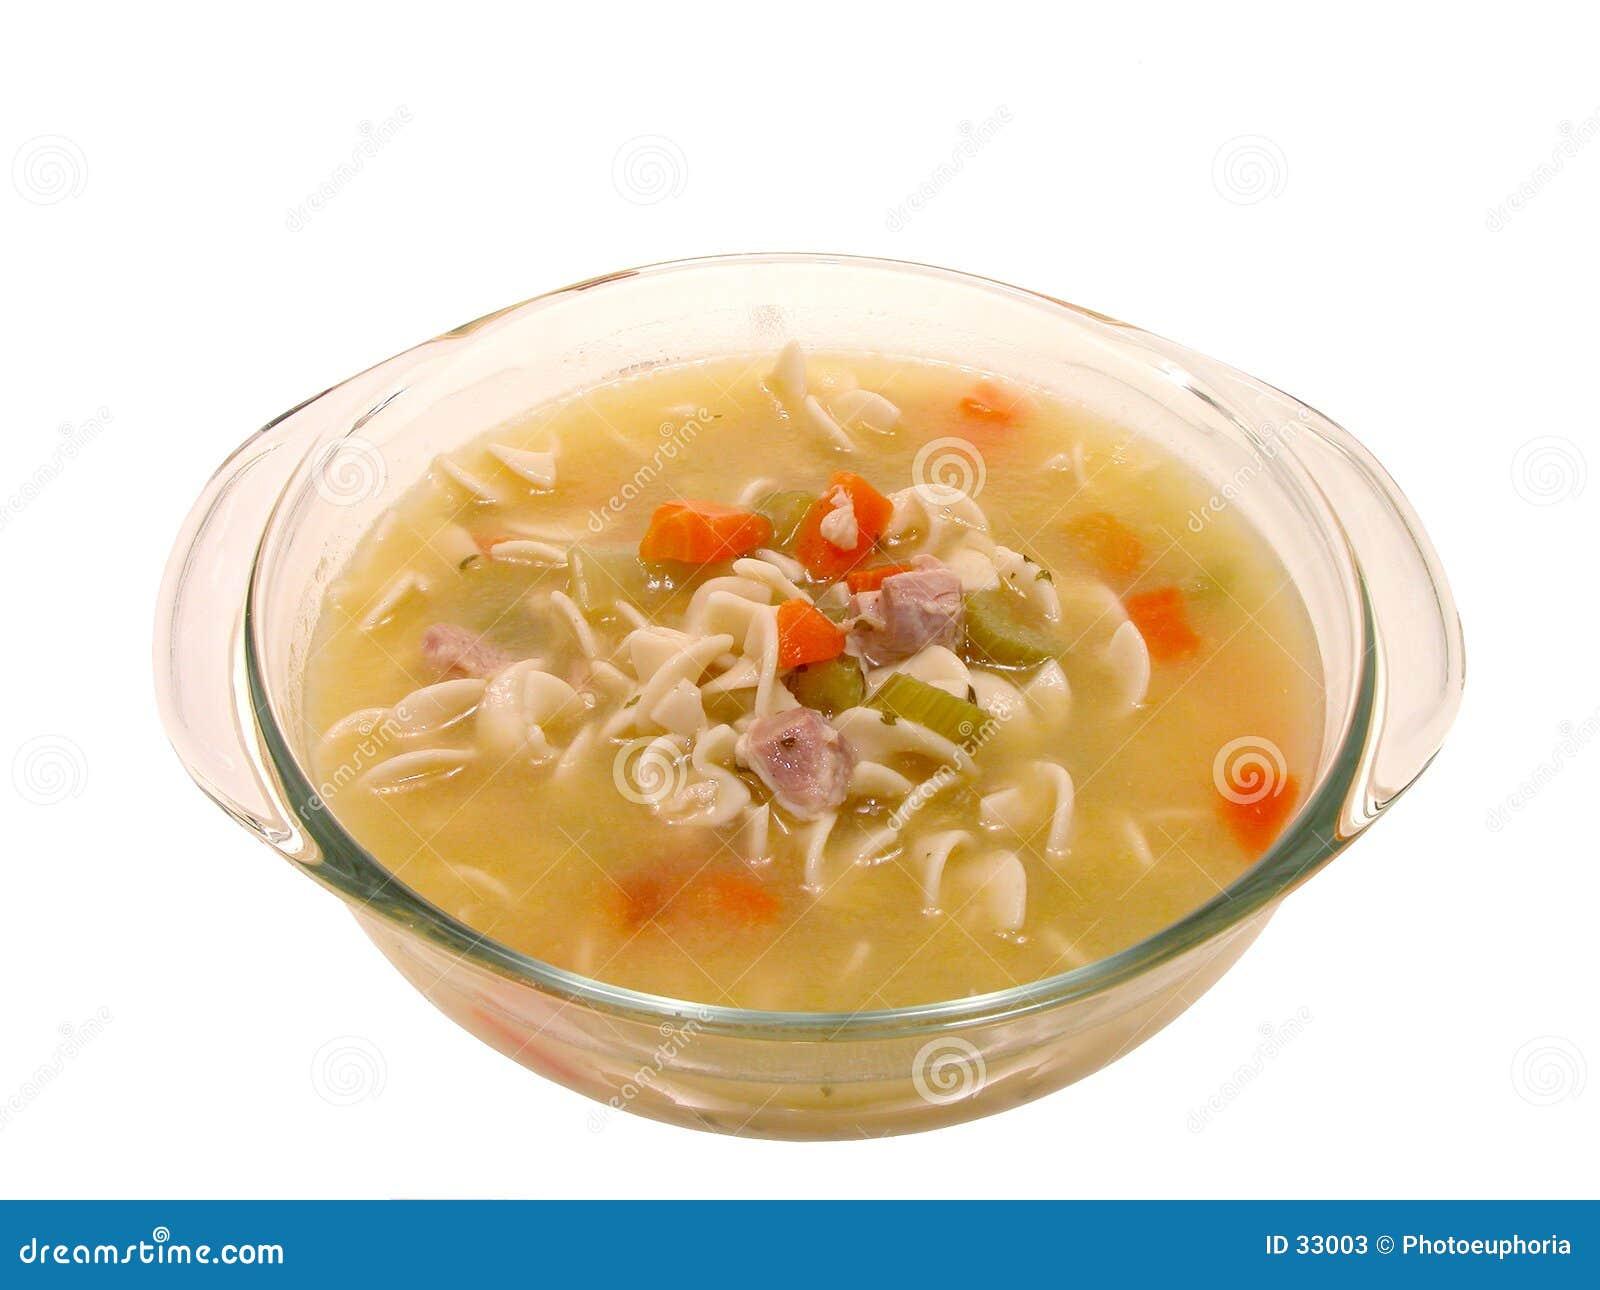 Alimento: Sopa de macarronete robusta da galinha no prato de cozimento de vidro